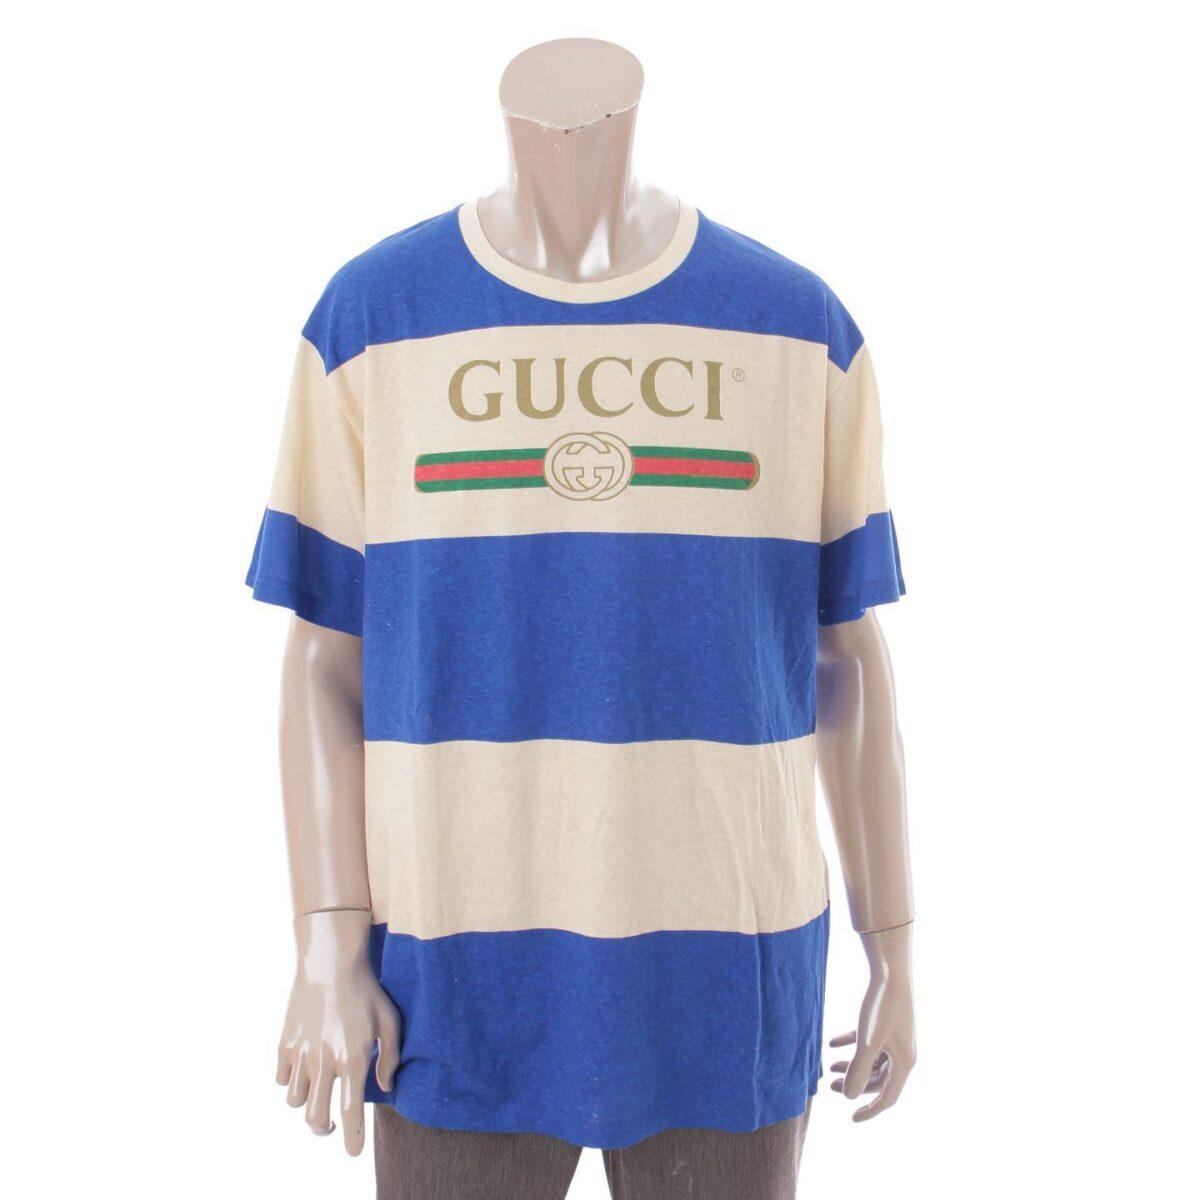 グッチ 20SS ロゴ ボーダー Tシャツ 604176